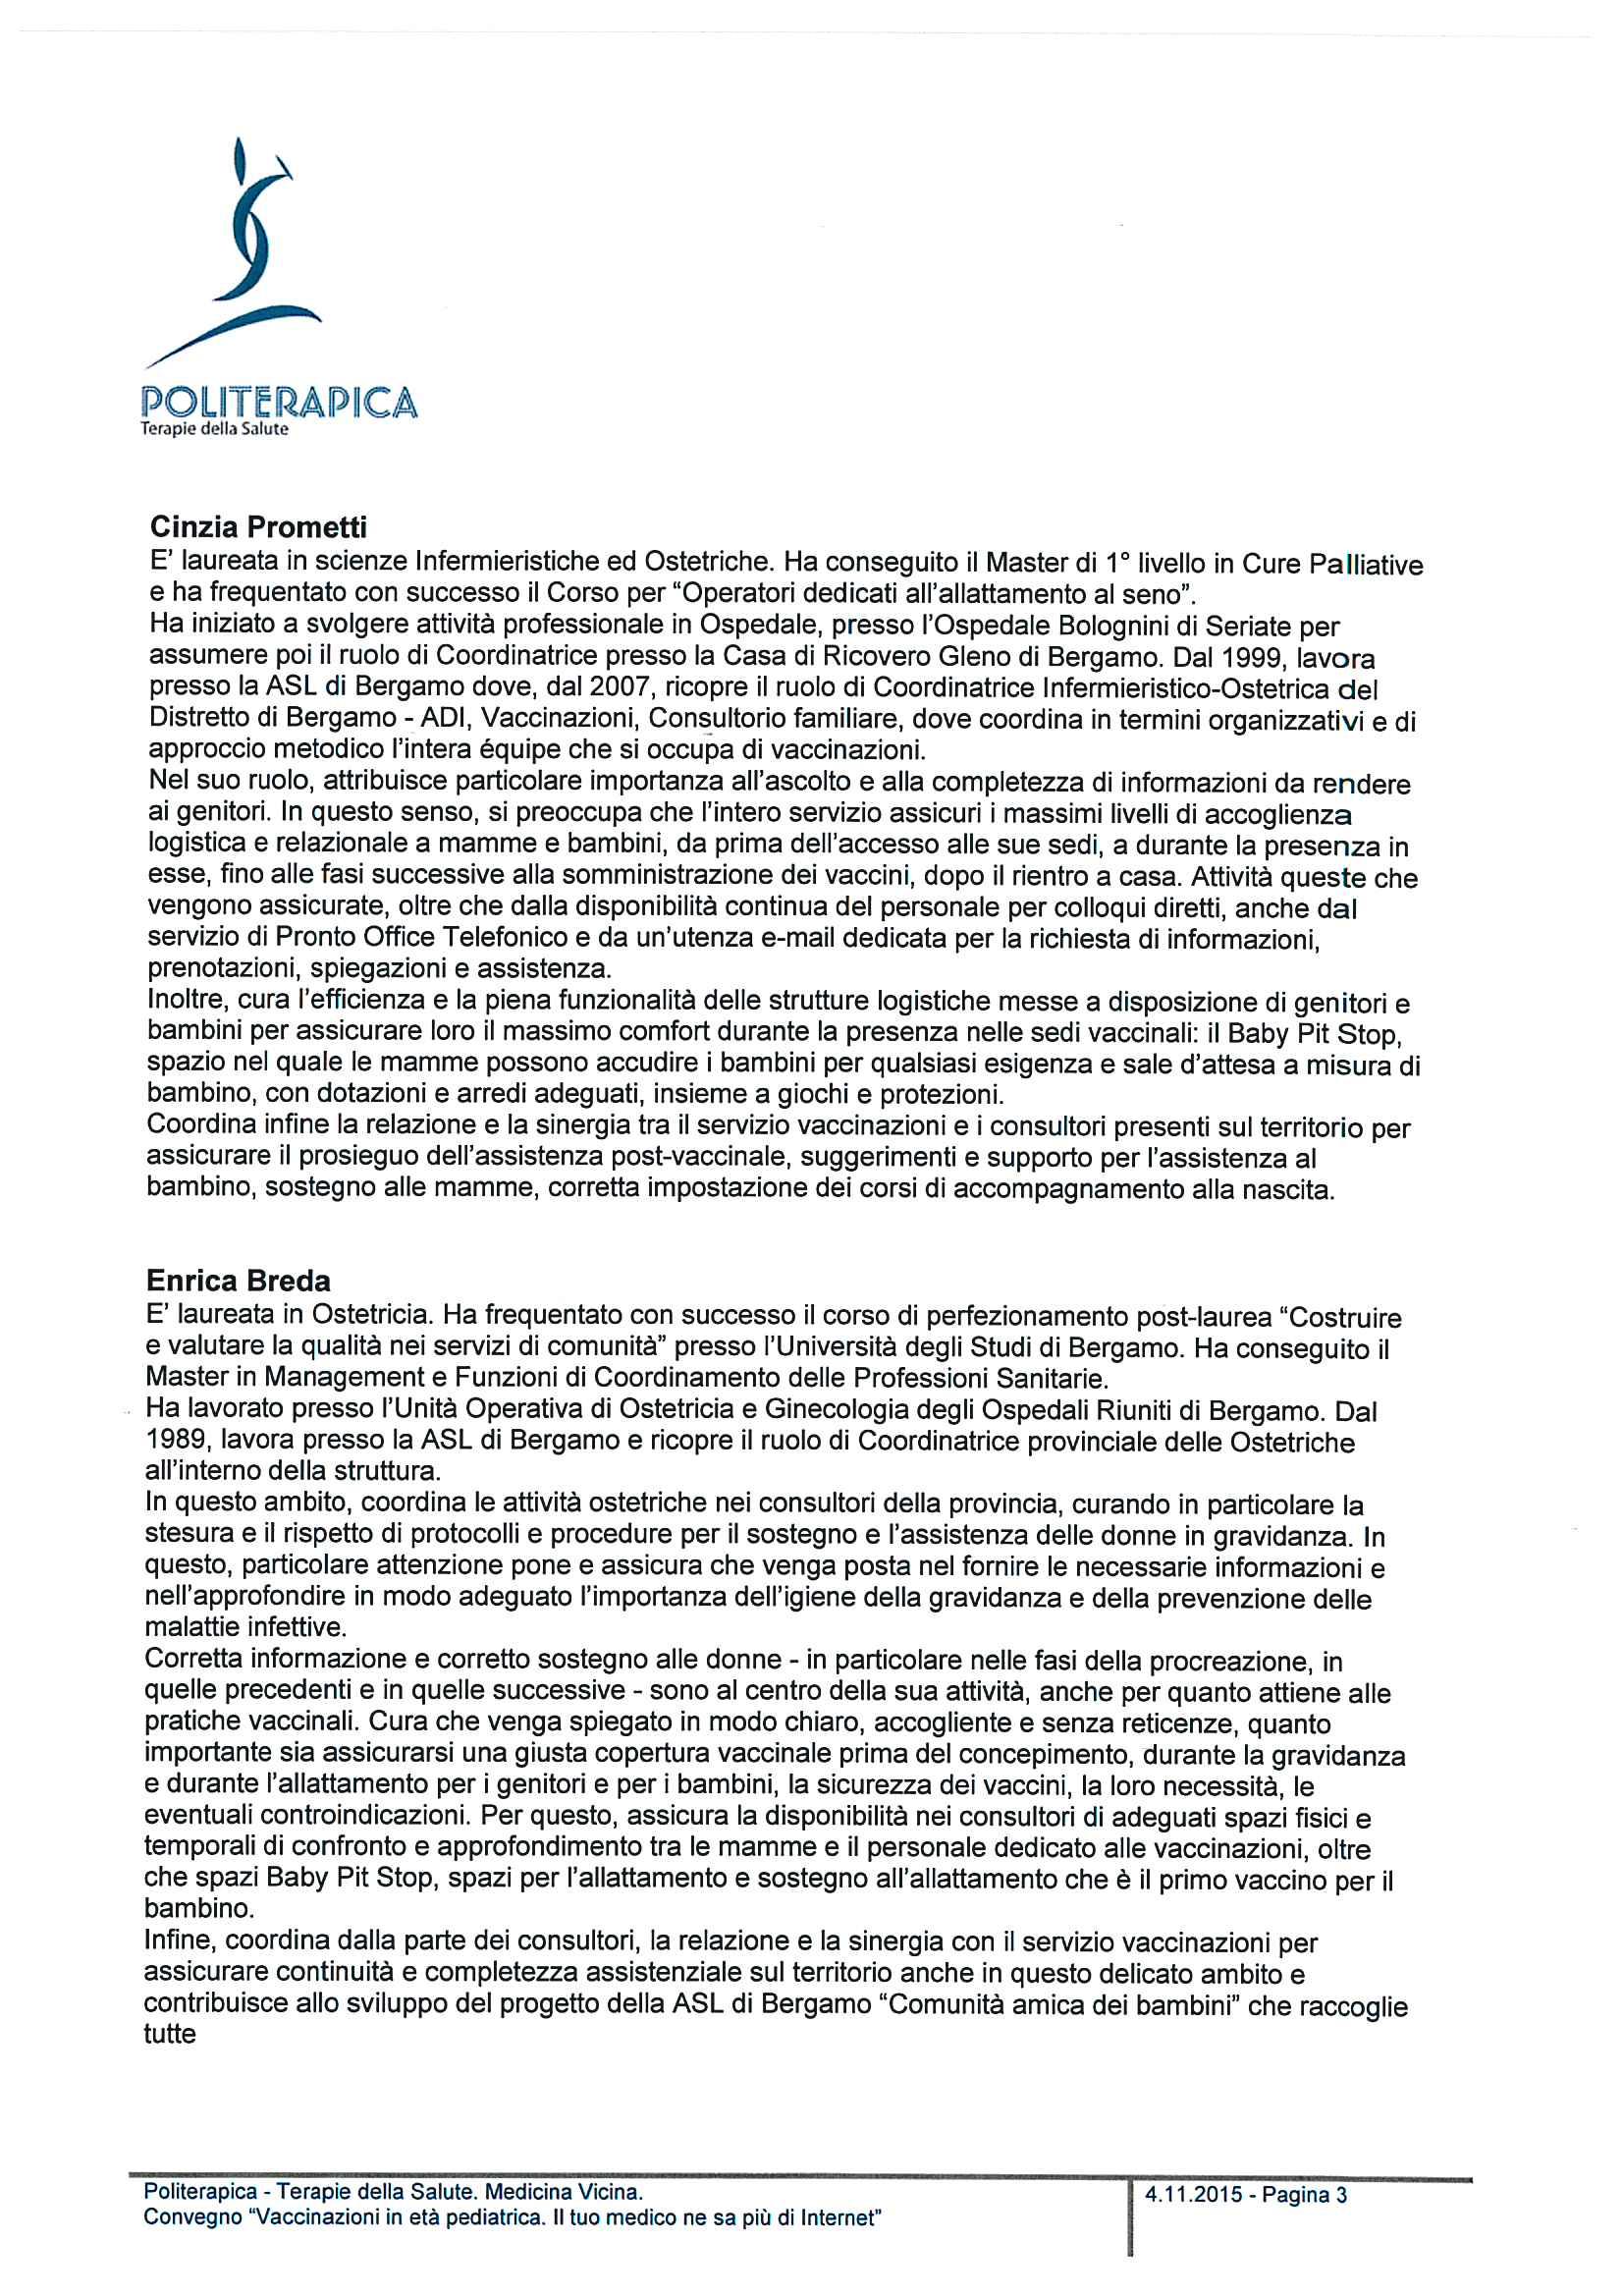 Convegno - Vaccinazioni in età pediatrica - Profilo relatori - 15.11.12 - 3